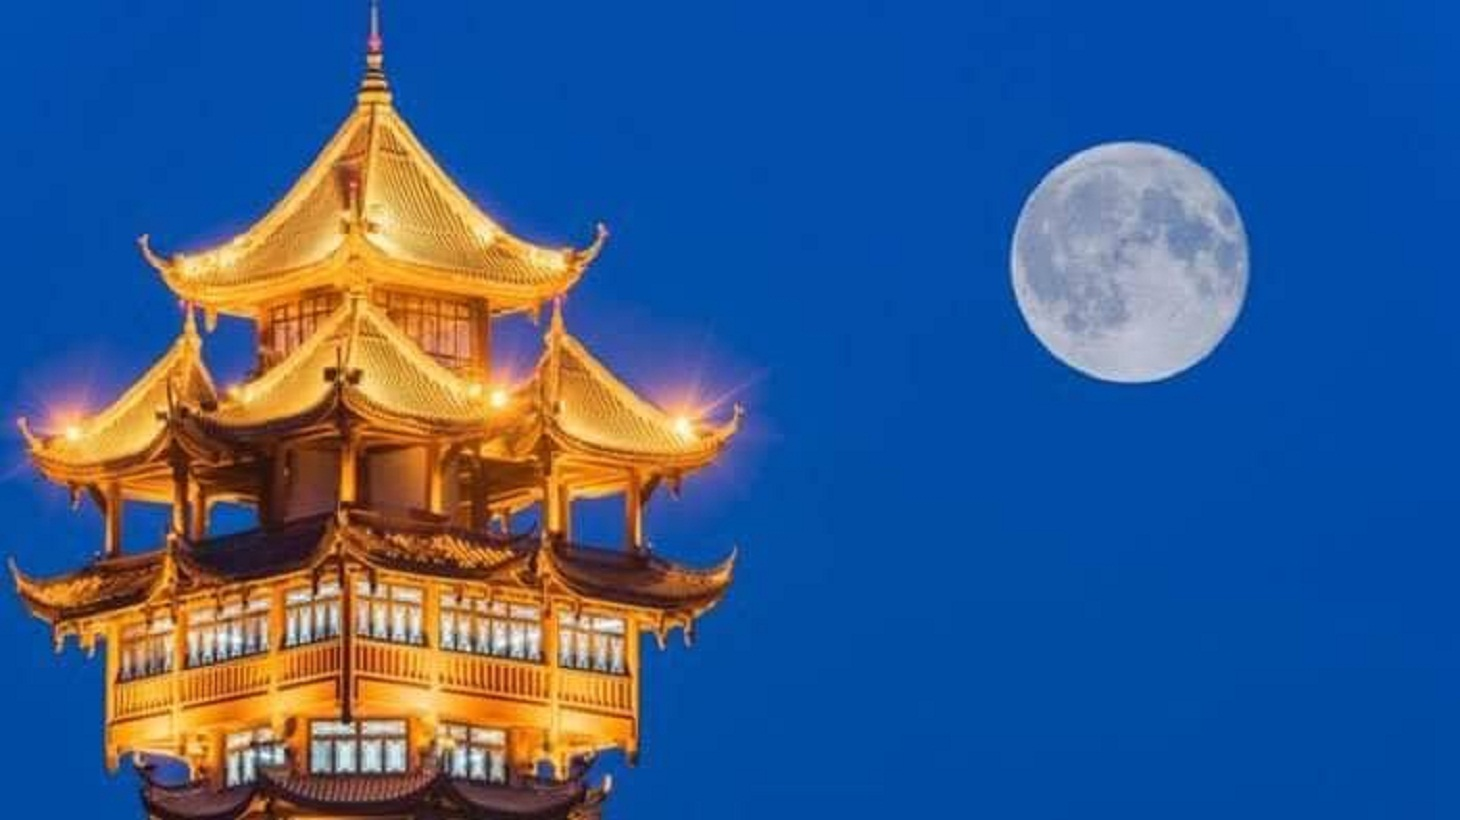 4 Fakta Dibalik Proyek Bulan Buatan Cina Yang Diklaim 8 Kali Lebih Terang Dari Aslinya